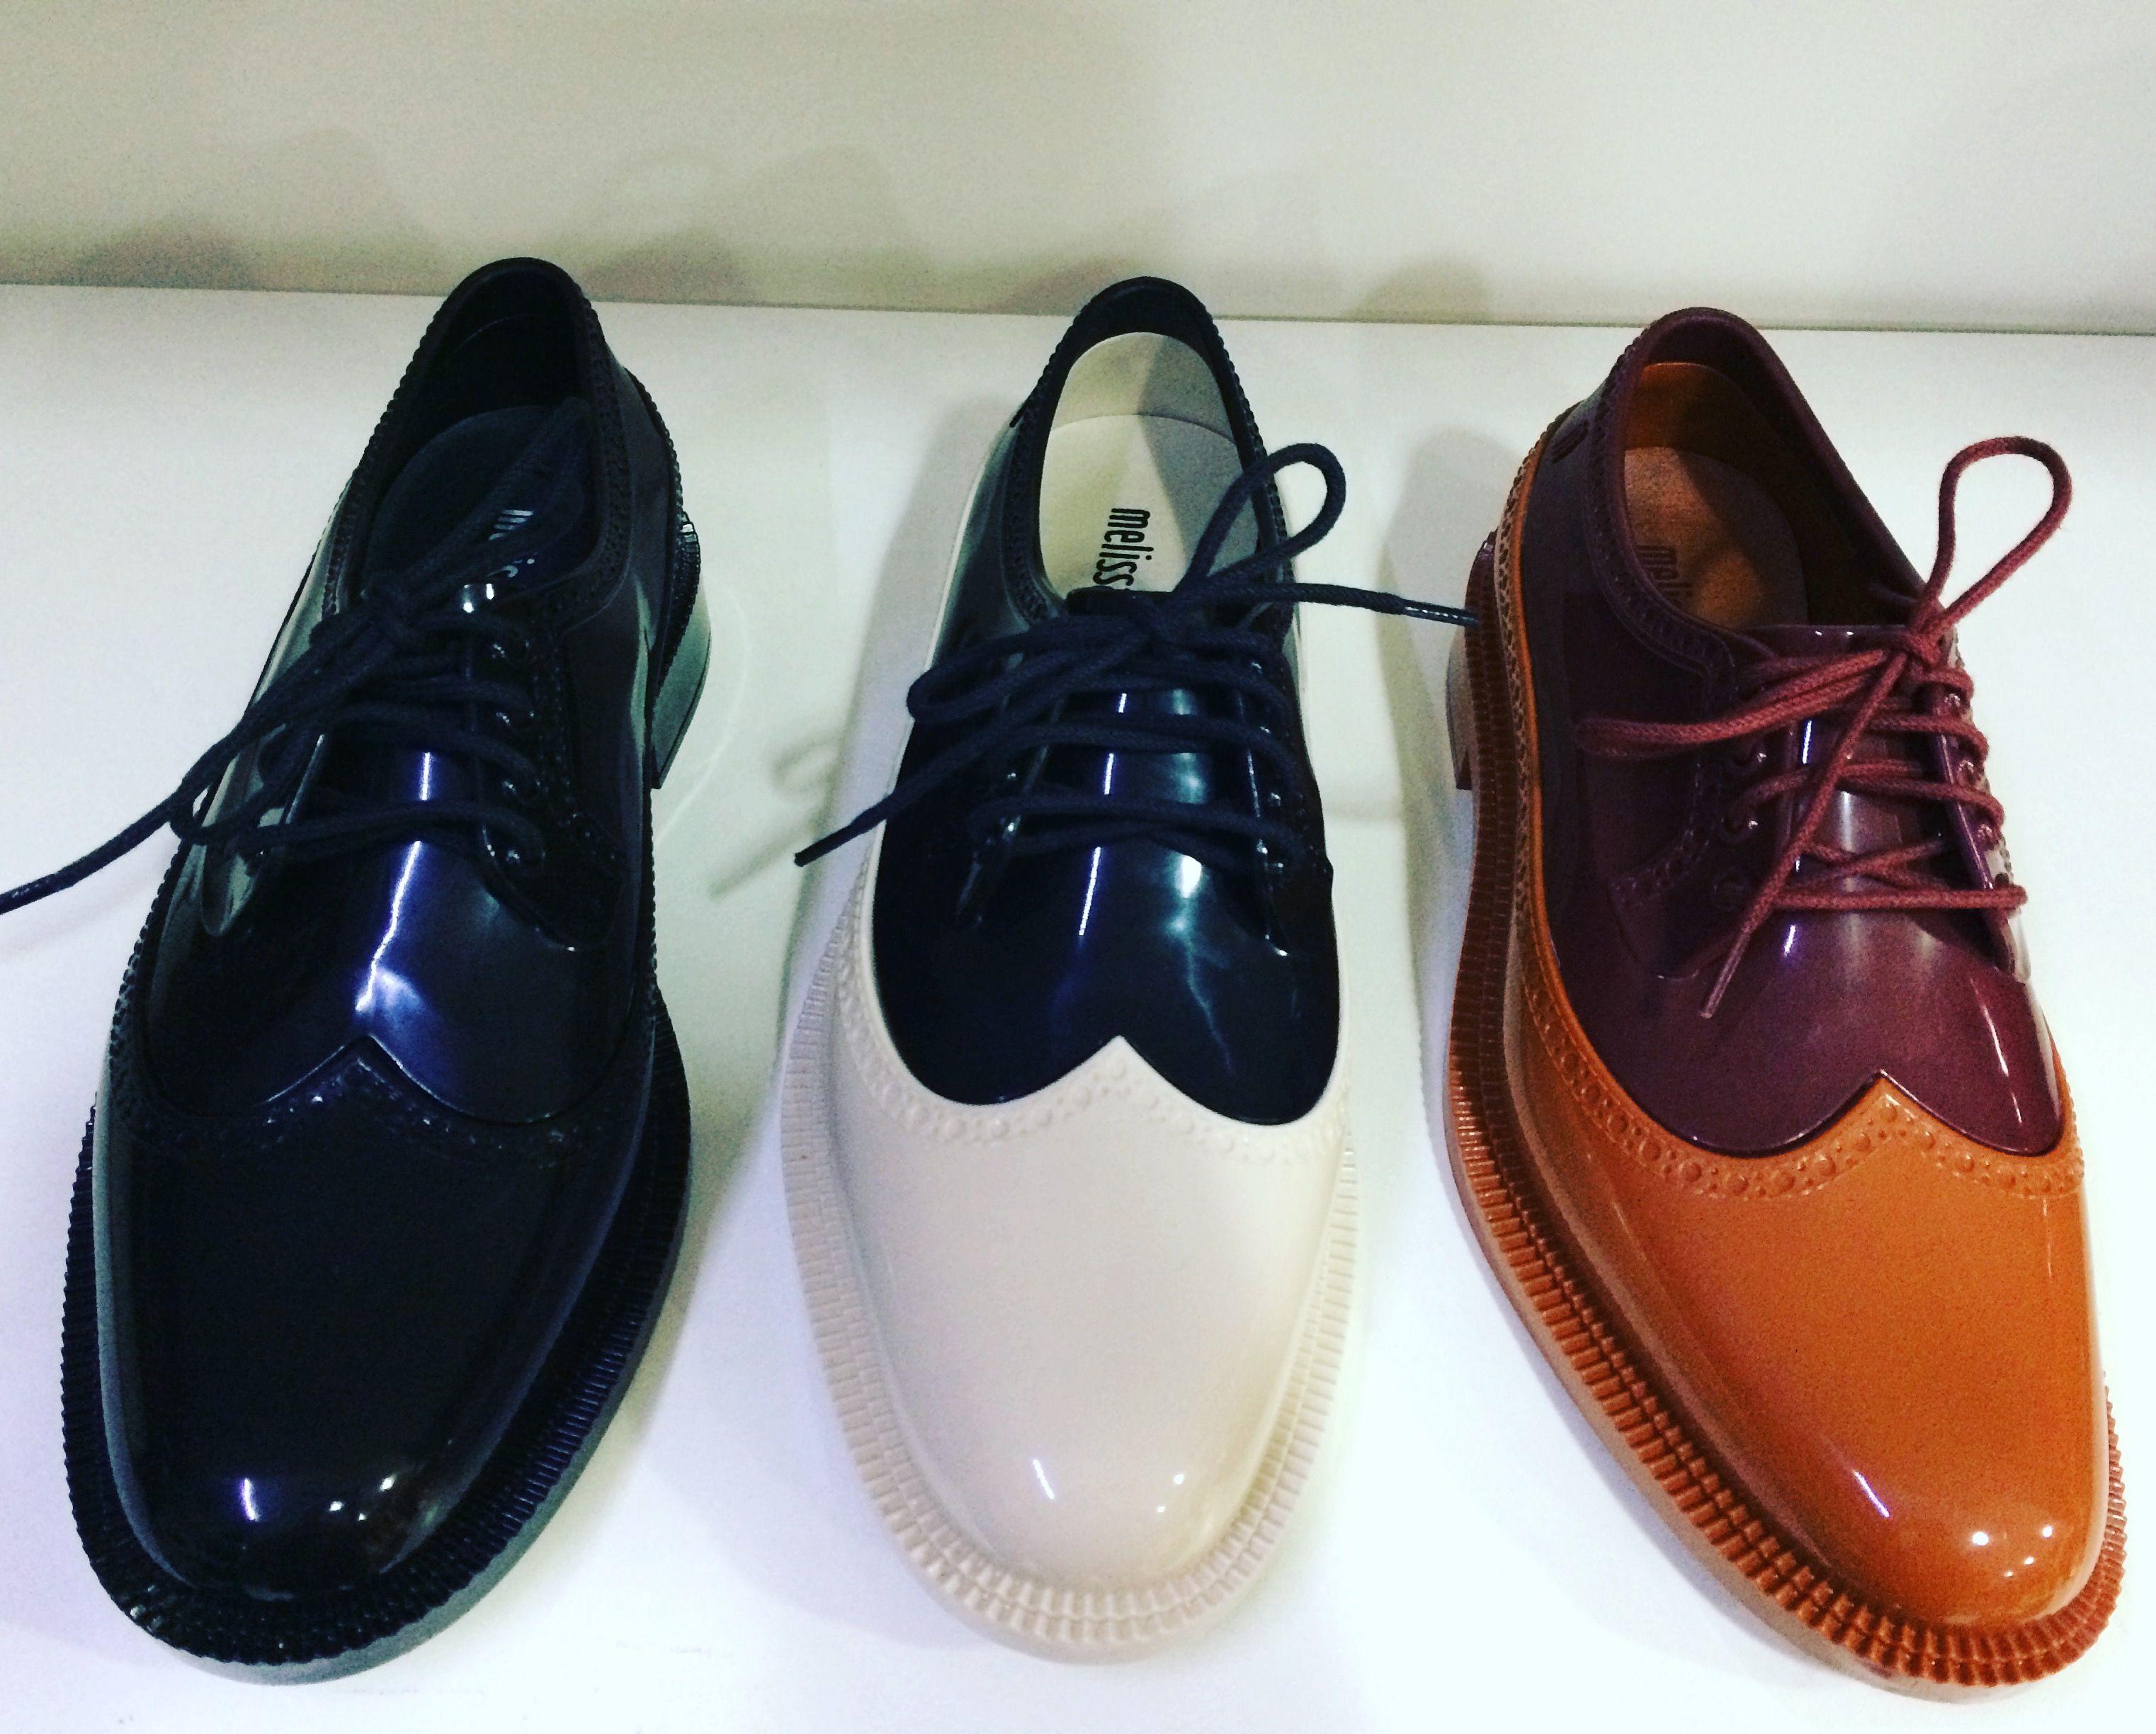 Melissa Shoes Classic Brogue 4wJD5Q